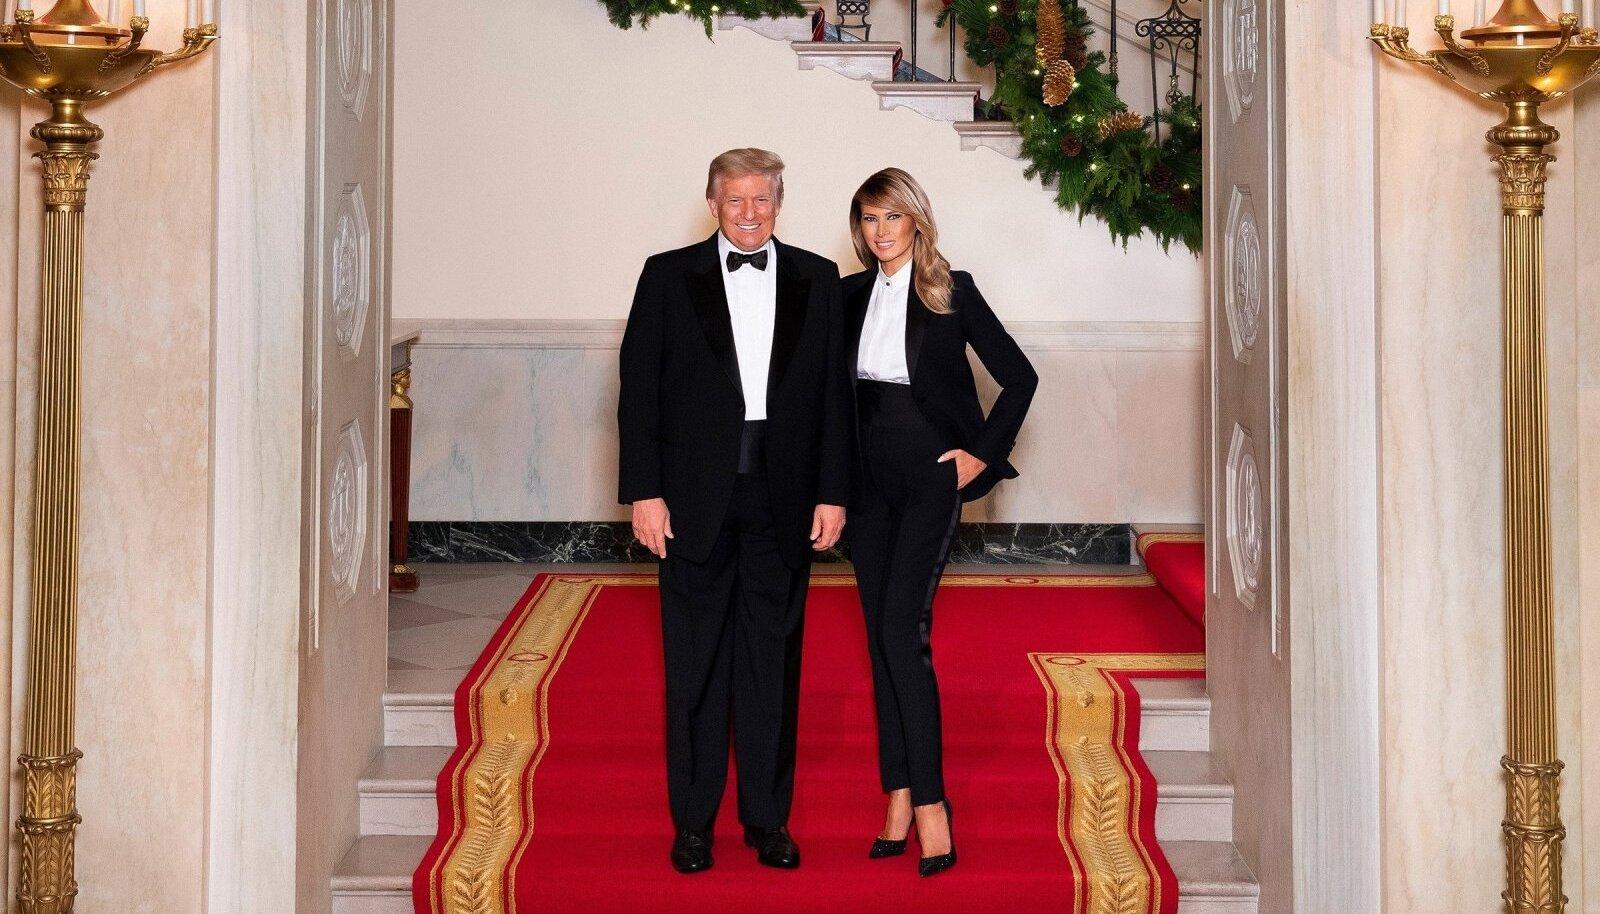 VIIMASED JÕULUD: President Donald Trumpi ja esimese leedi Melania Trumpi ametlik jõulufoto.